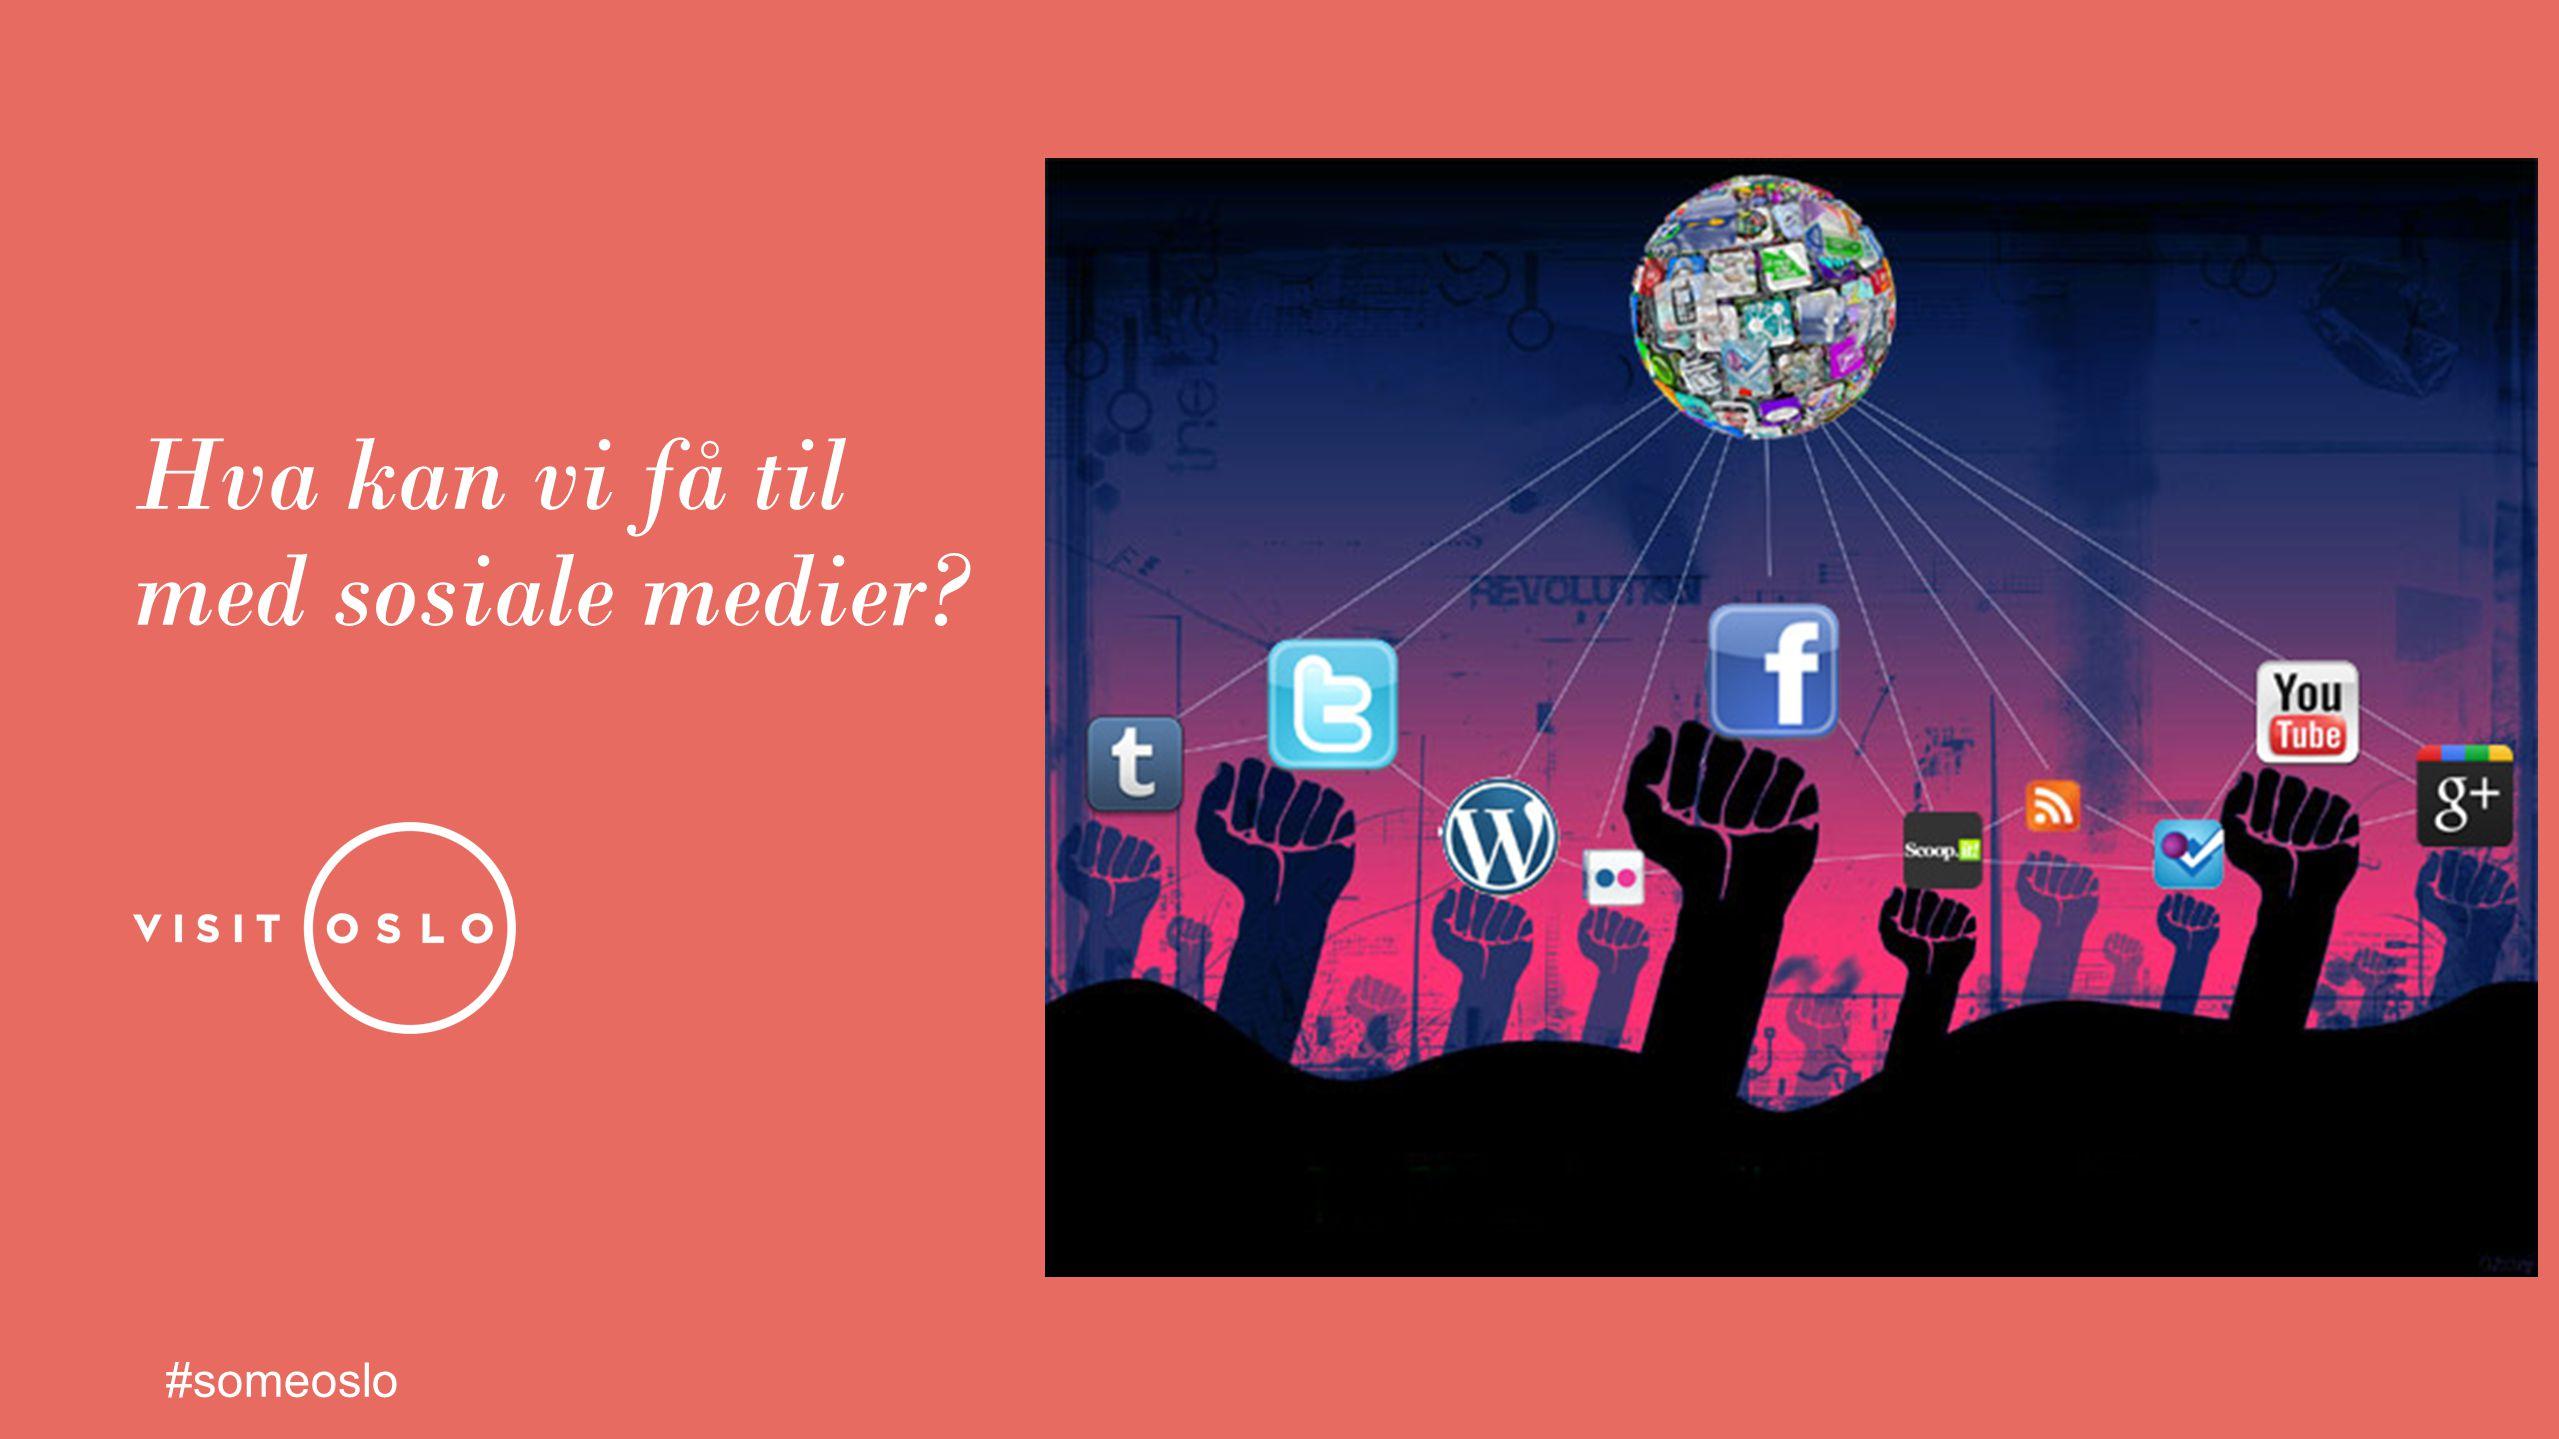 Hva kan vi få til med sosiale medier? #someoslo